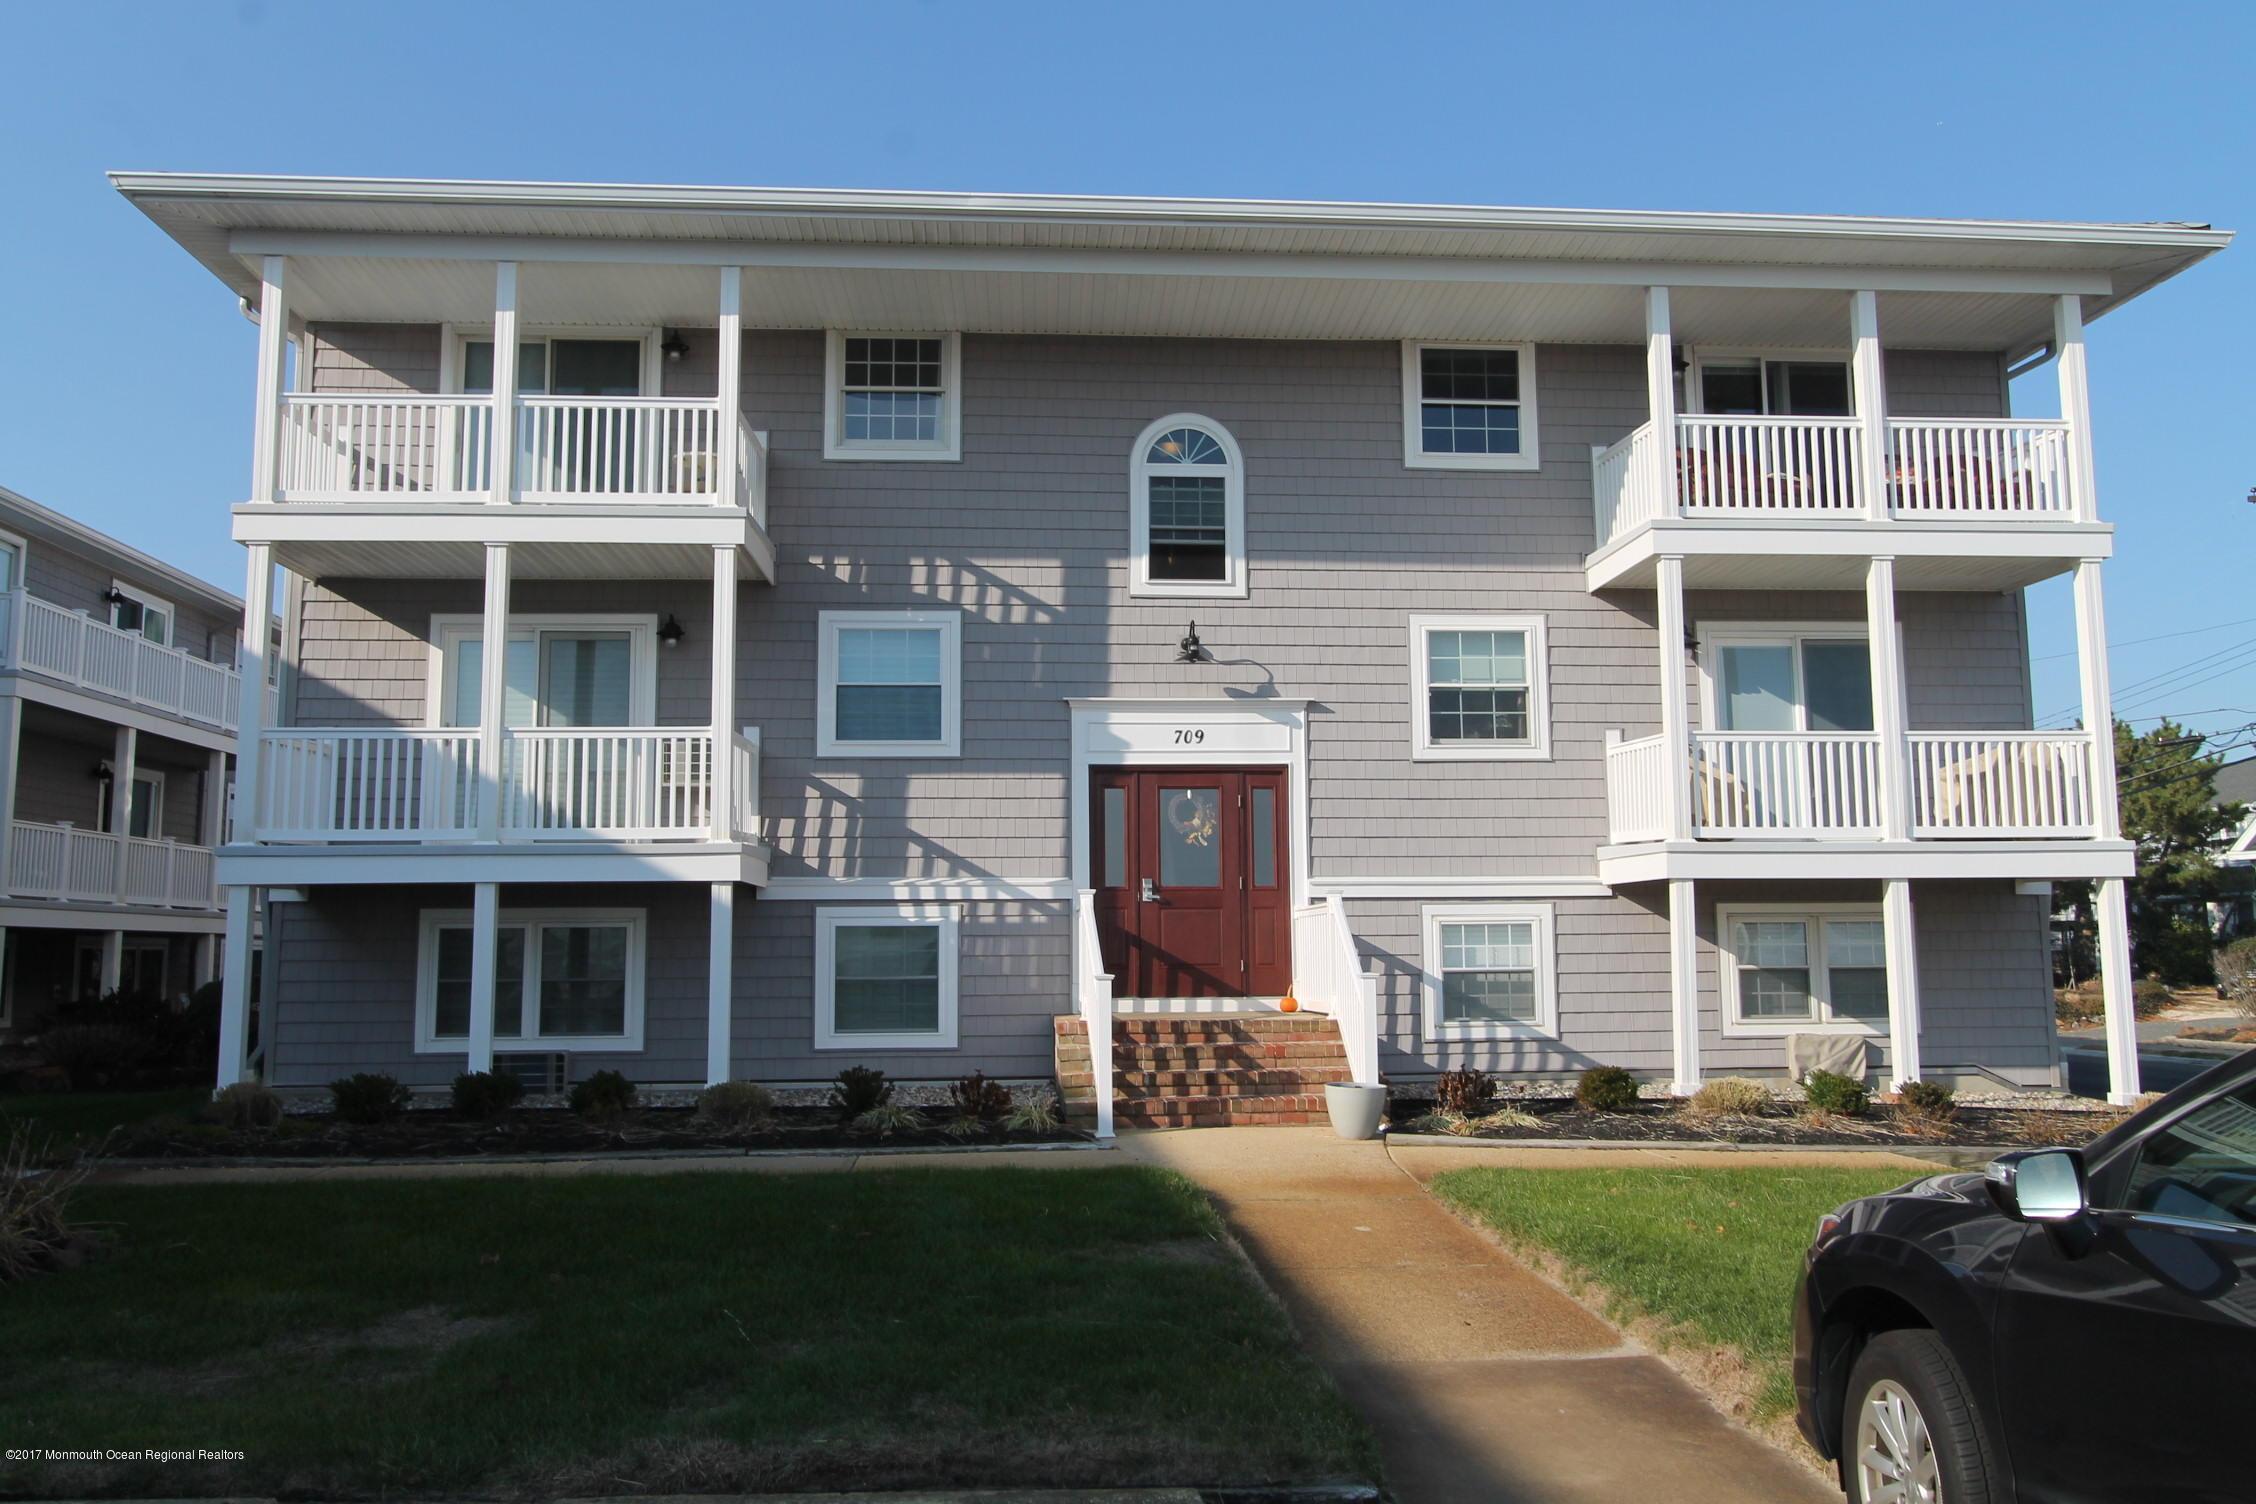 一戸建て のために 売買 アット 709 Ocean Avenue 709 Ocean Avenue Avon, ニュージャージー 07717 アメリカ合衆国